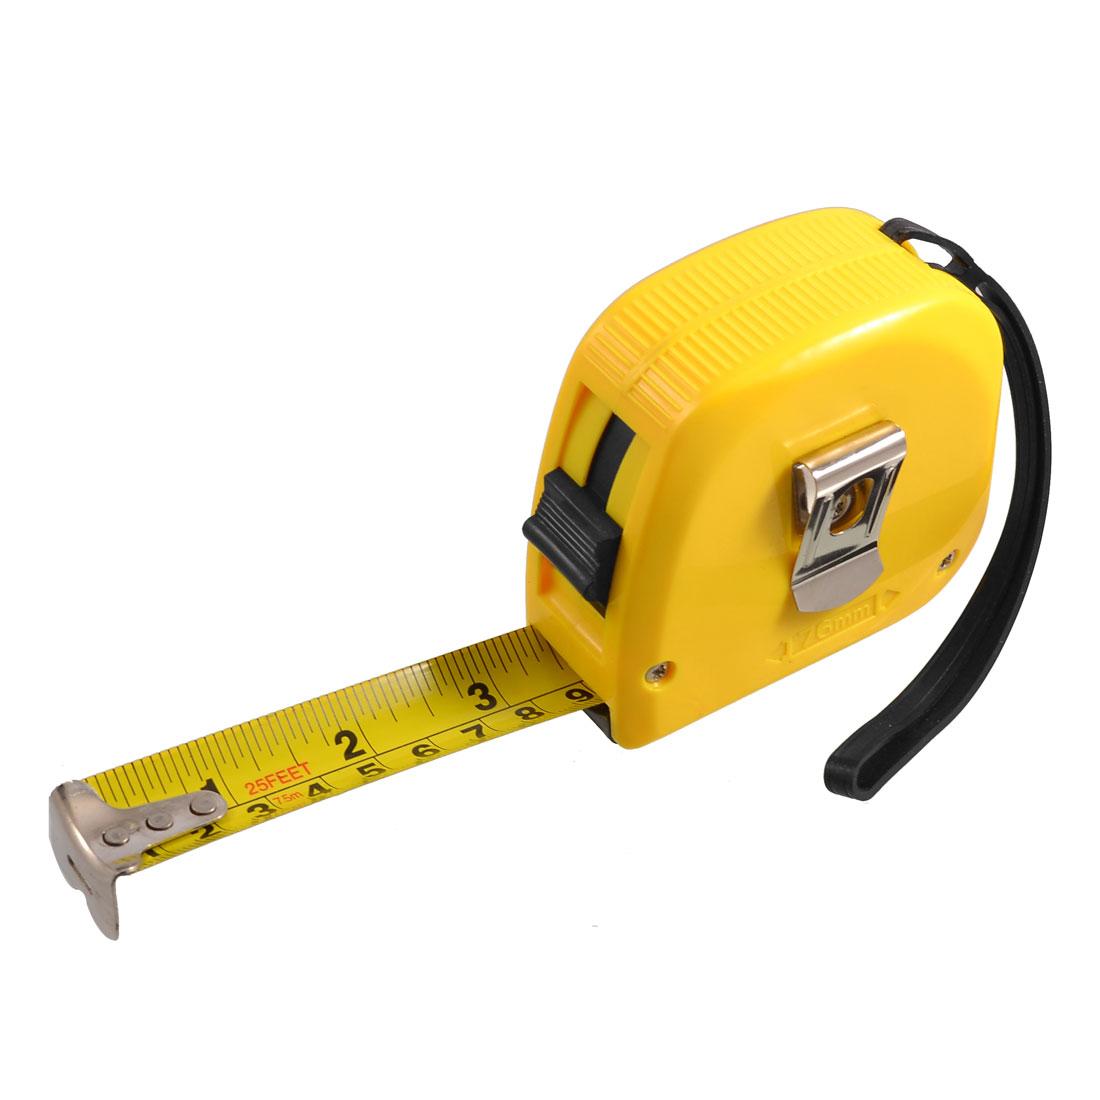 25mm x 7.5M 294 Inch Manual Lock Flexible Tape Measure Ruler Measuring Tool